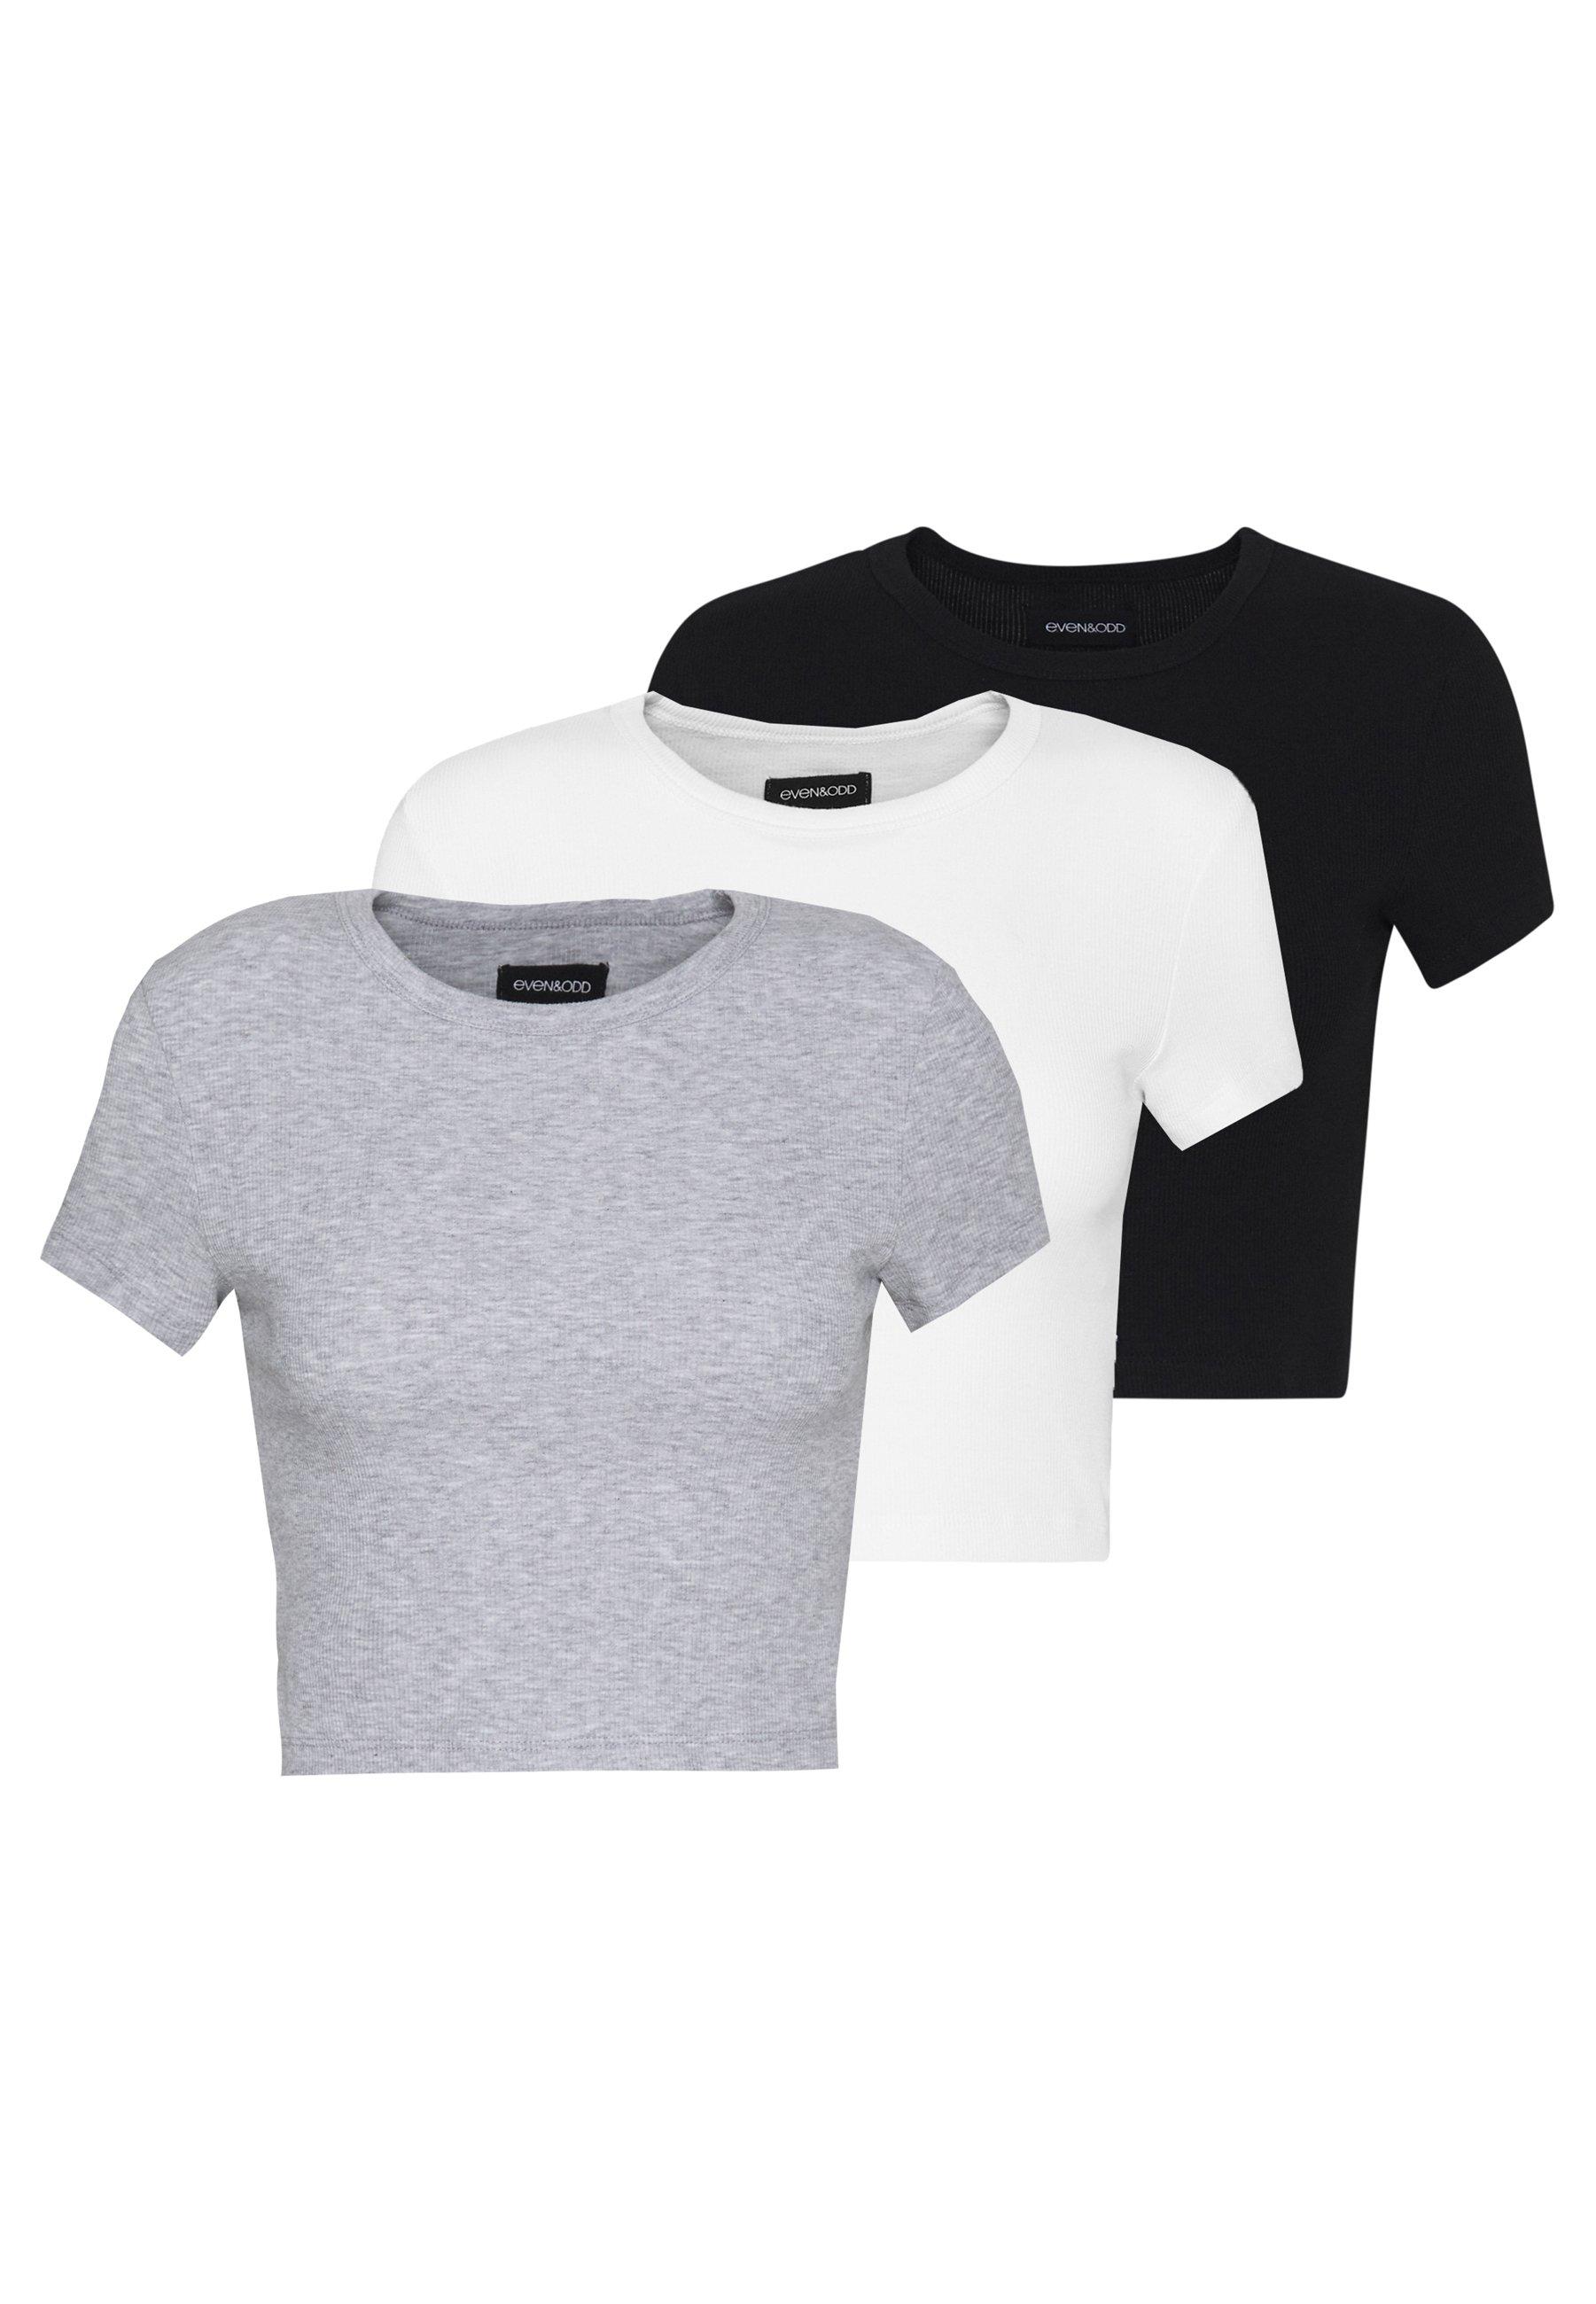 Original T shirt Dam Köp Alla Tröjor & Toppar online